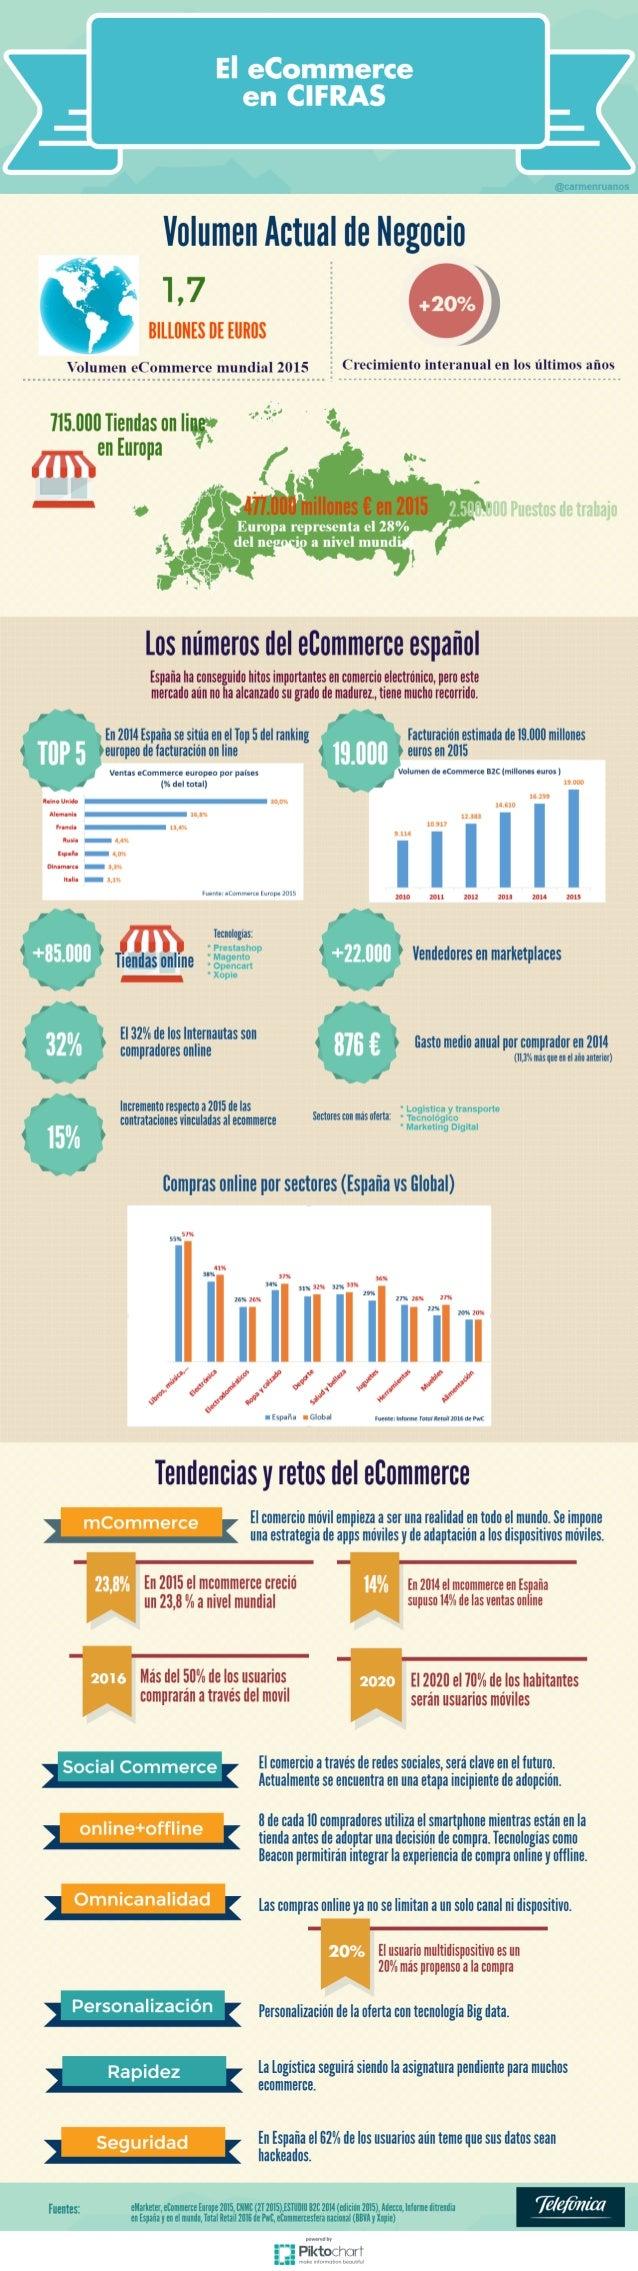 El eCommerce español en cifras